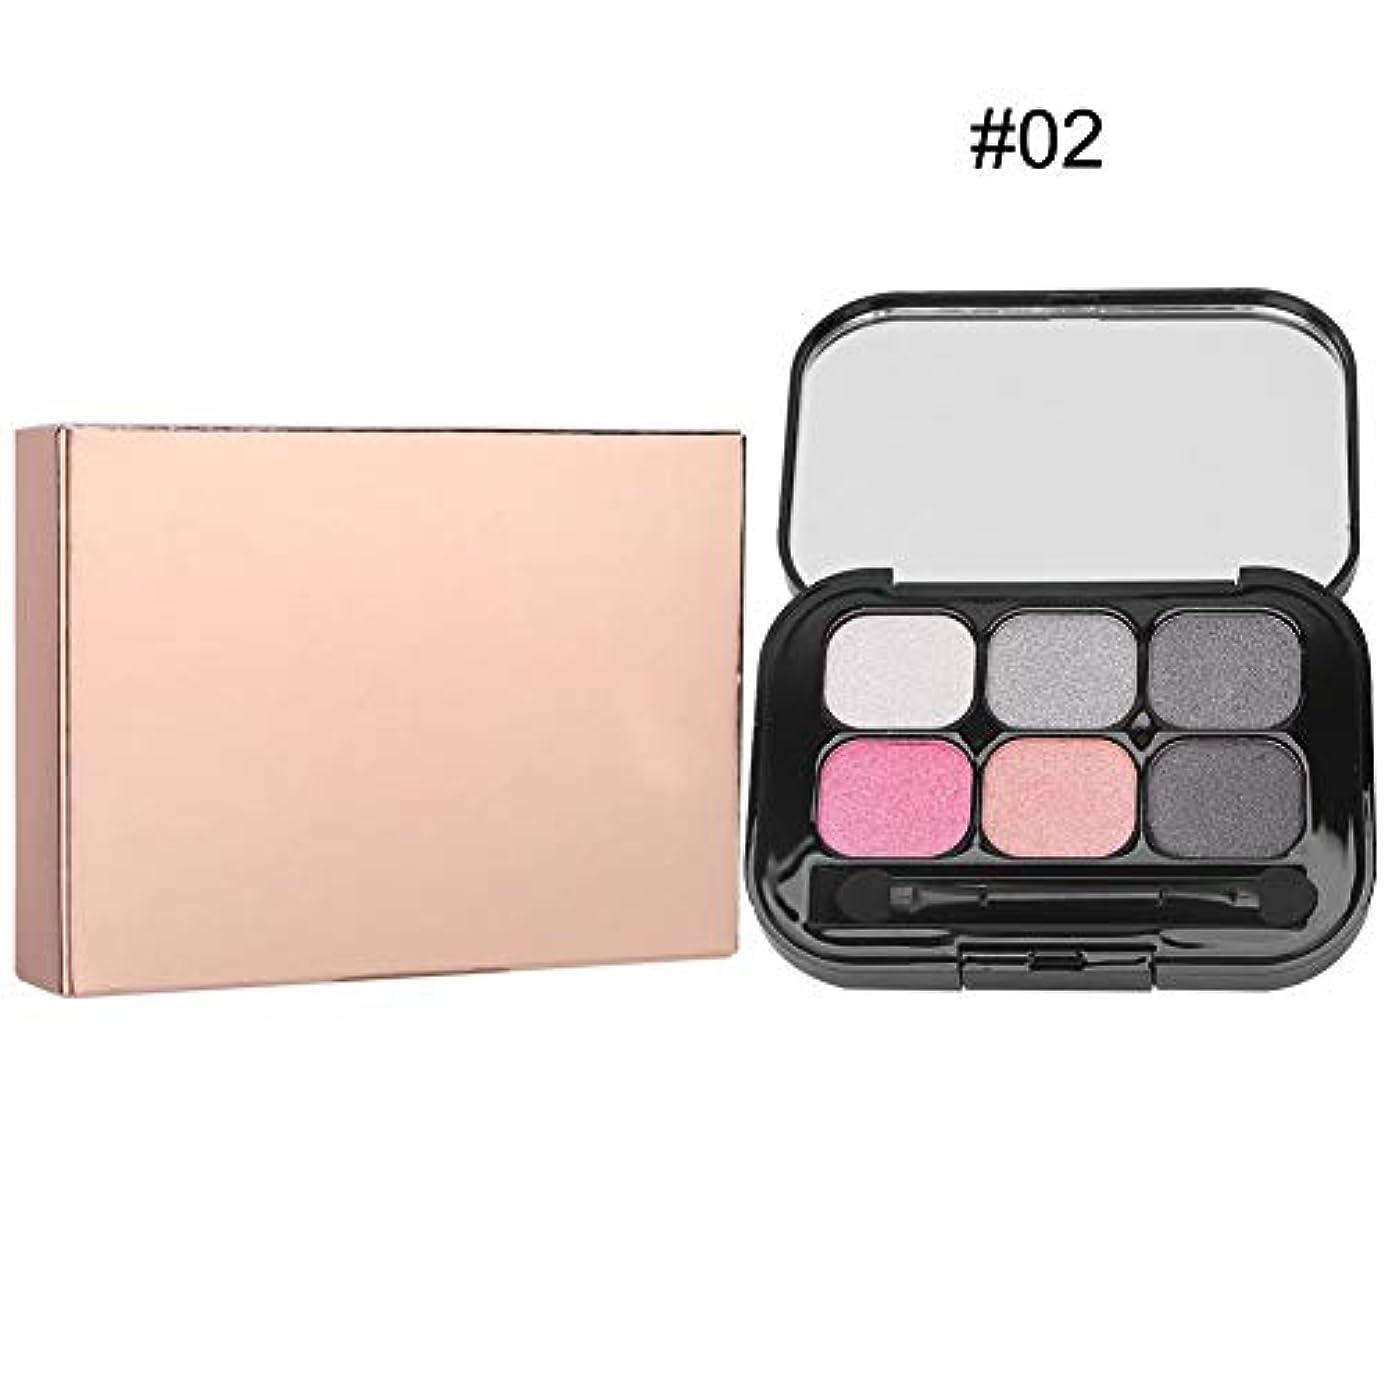 ペグマトリックス降伏16色 アイシャドウパレット アイシャドウパレット 化粧マット グロス アイシャドウパウダー 化粧品ツール (02)